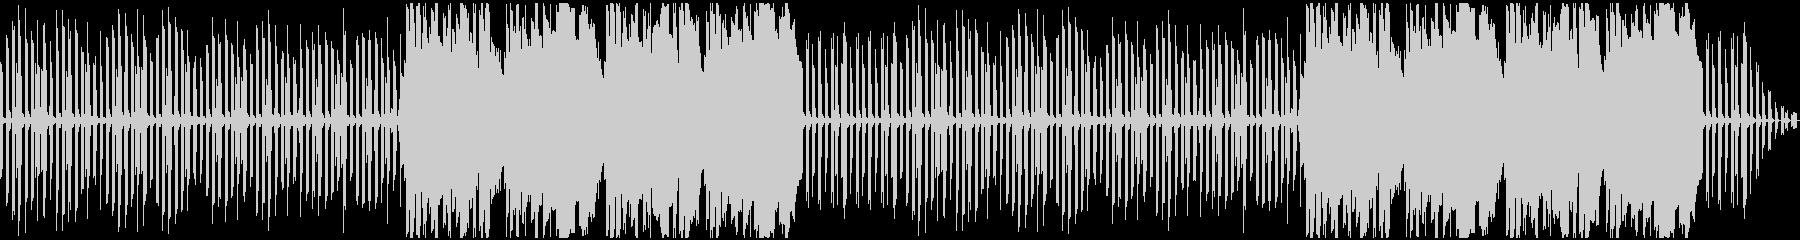 ほのぼの日常のシンプルなエレピ曲の未再生の波形